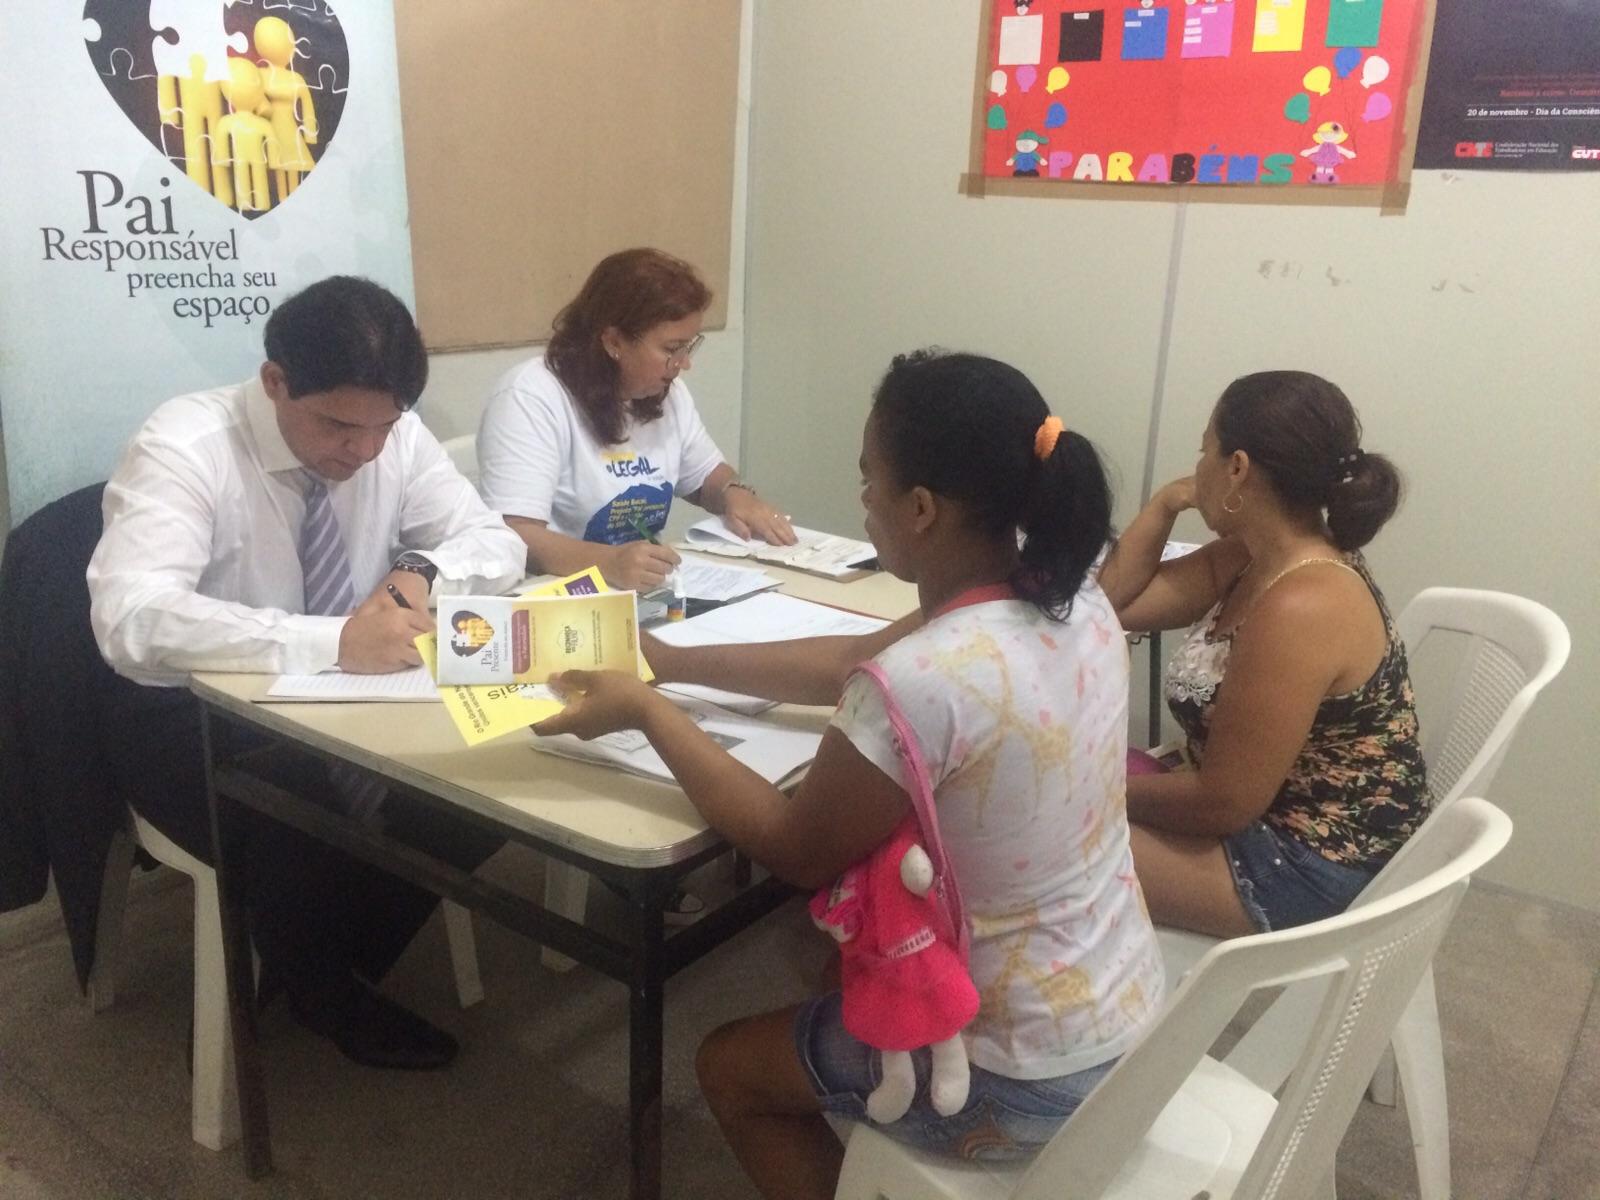 'Registrar é legal' promove ação jurídica e social no bairro do Bom Pastor